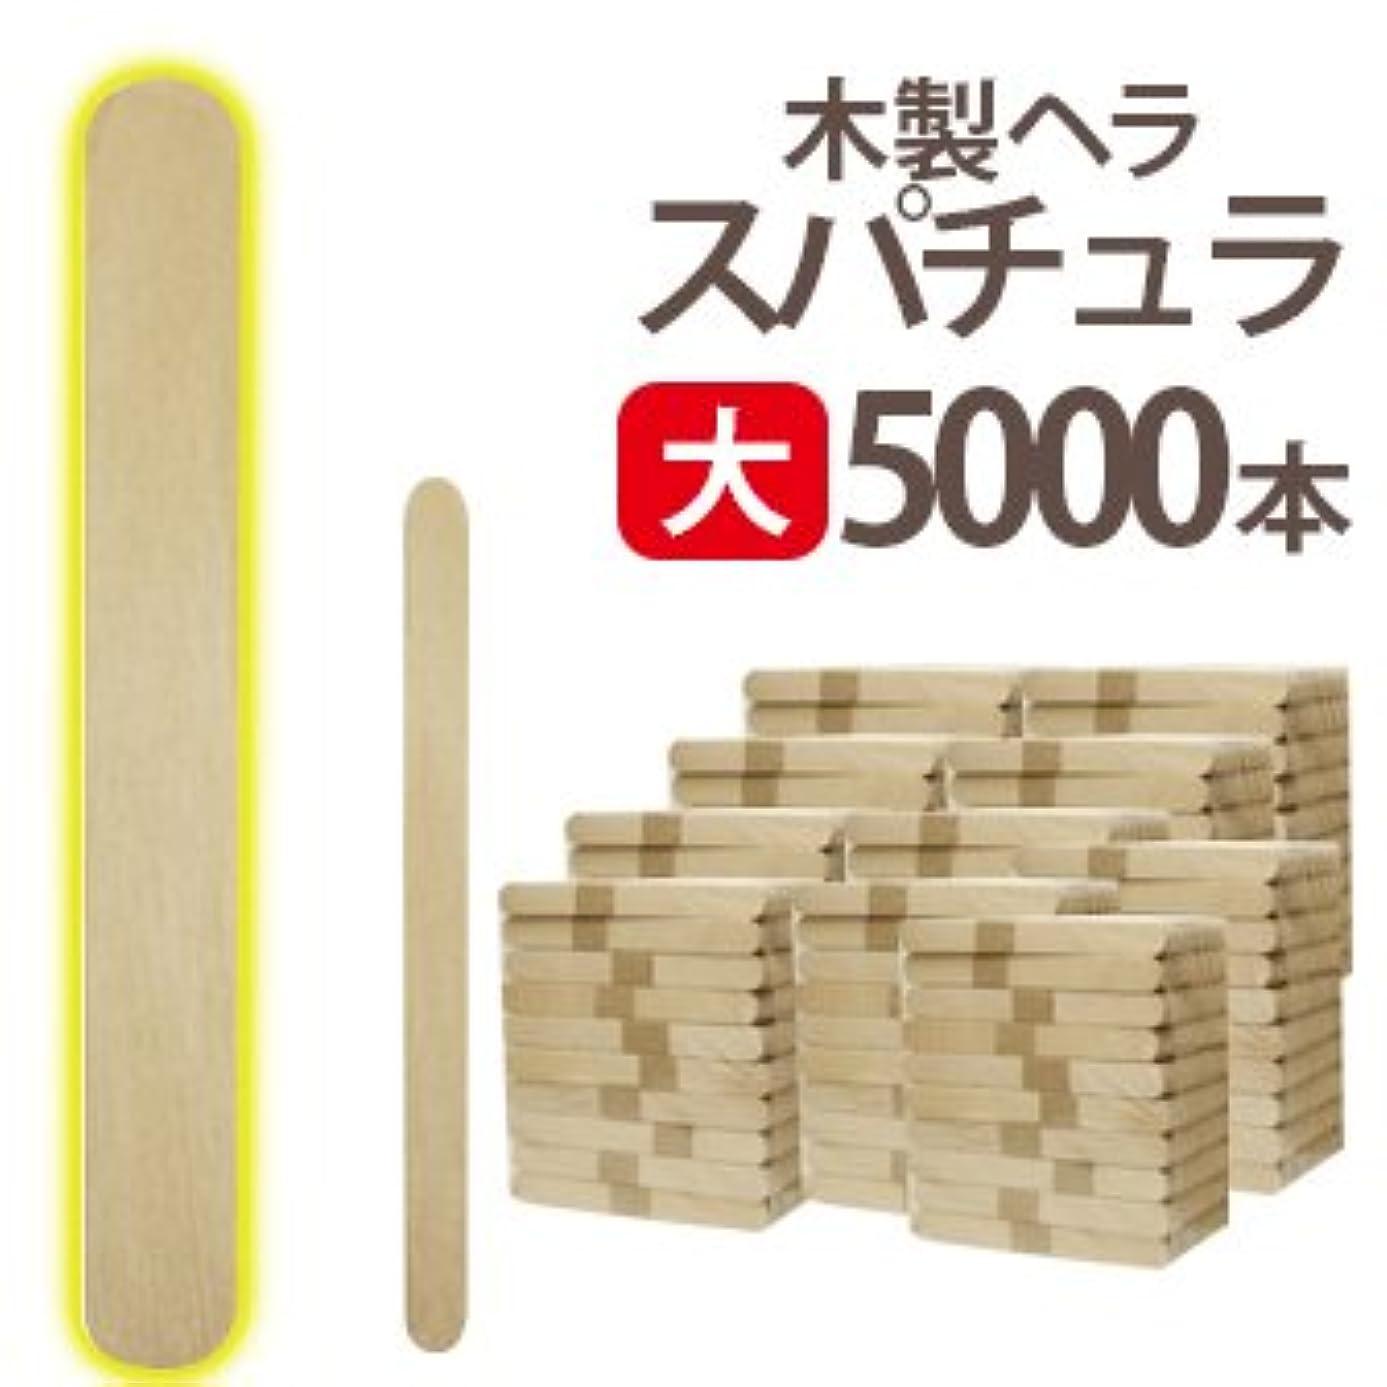 誰のクルーズタイト大 ブラジリアンワックス 業務用5000本 スパチュラ Aタイプ(個別梱包なし 150×16)